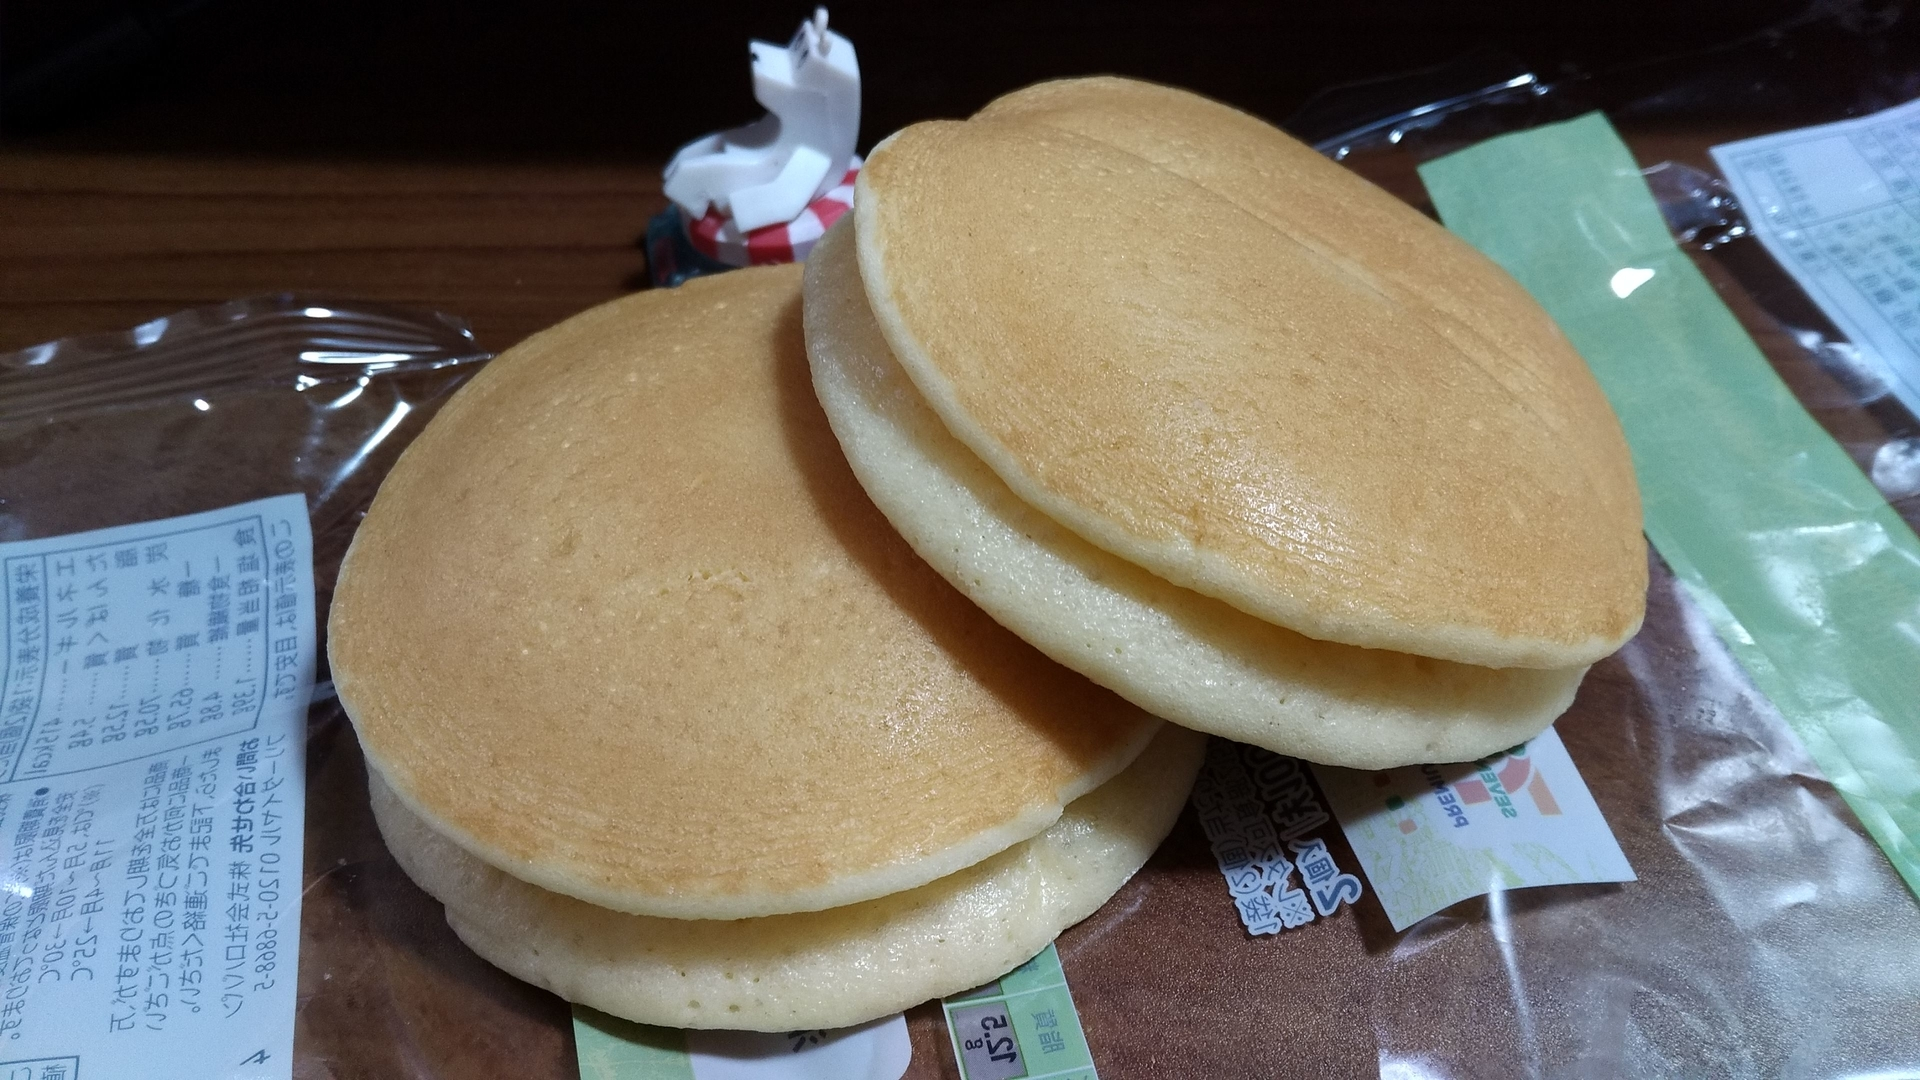 7&i メープル&マーガリン 全粒粉入りもちふわパンケーキ